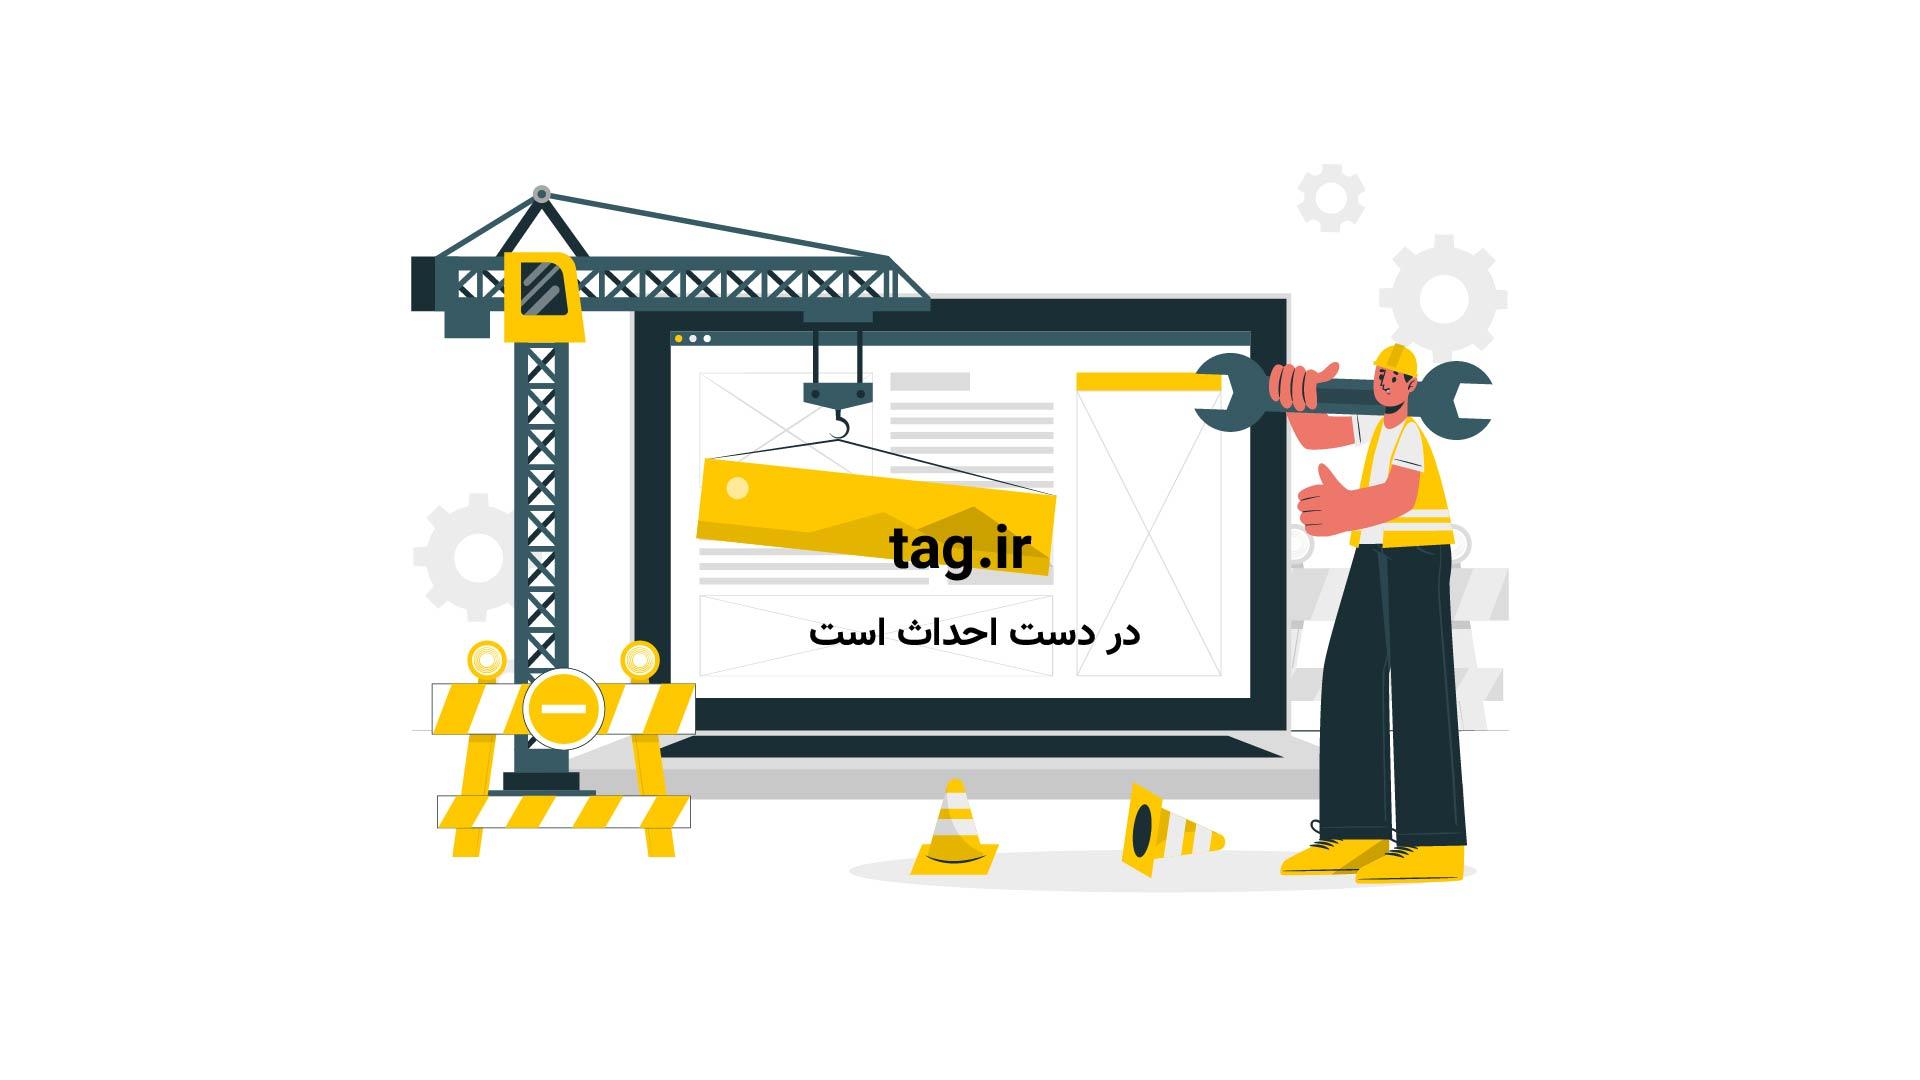 شورای شهر تهران   تگ